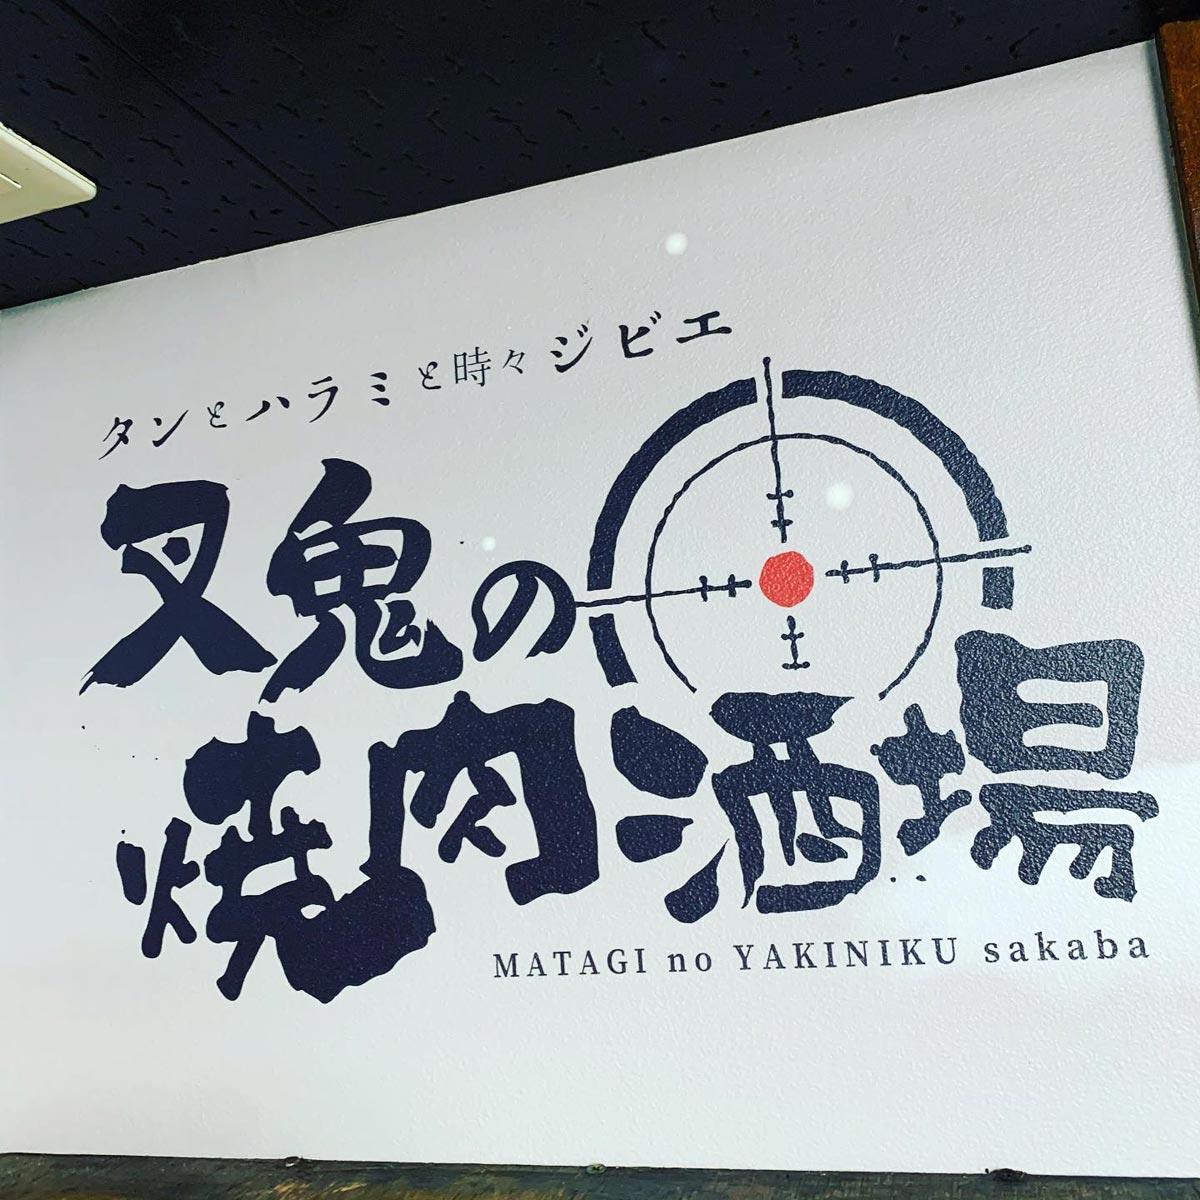 叉鬼の焼肉酒場(またぎ)